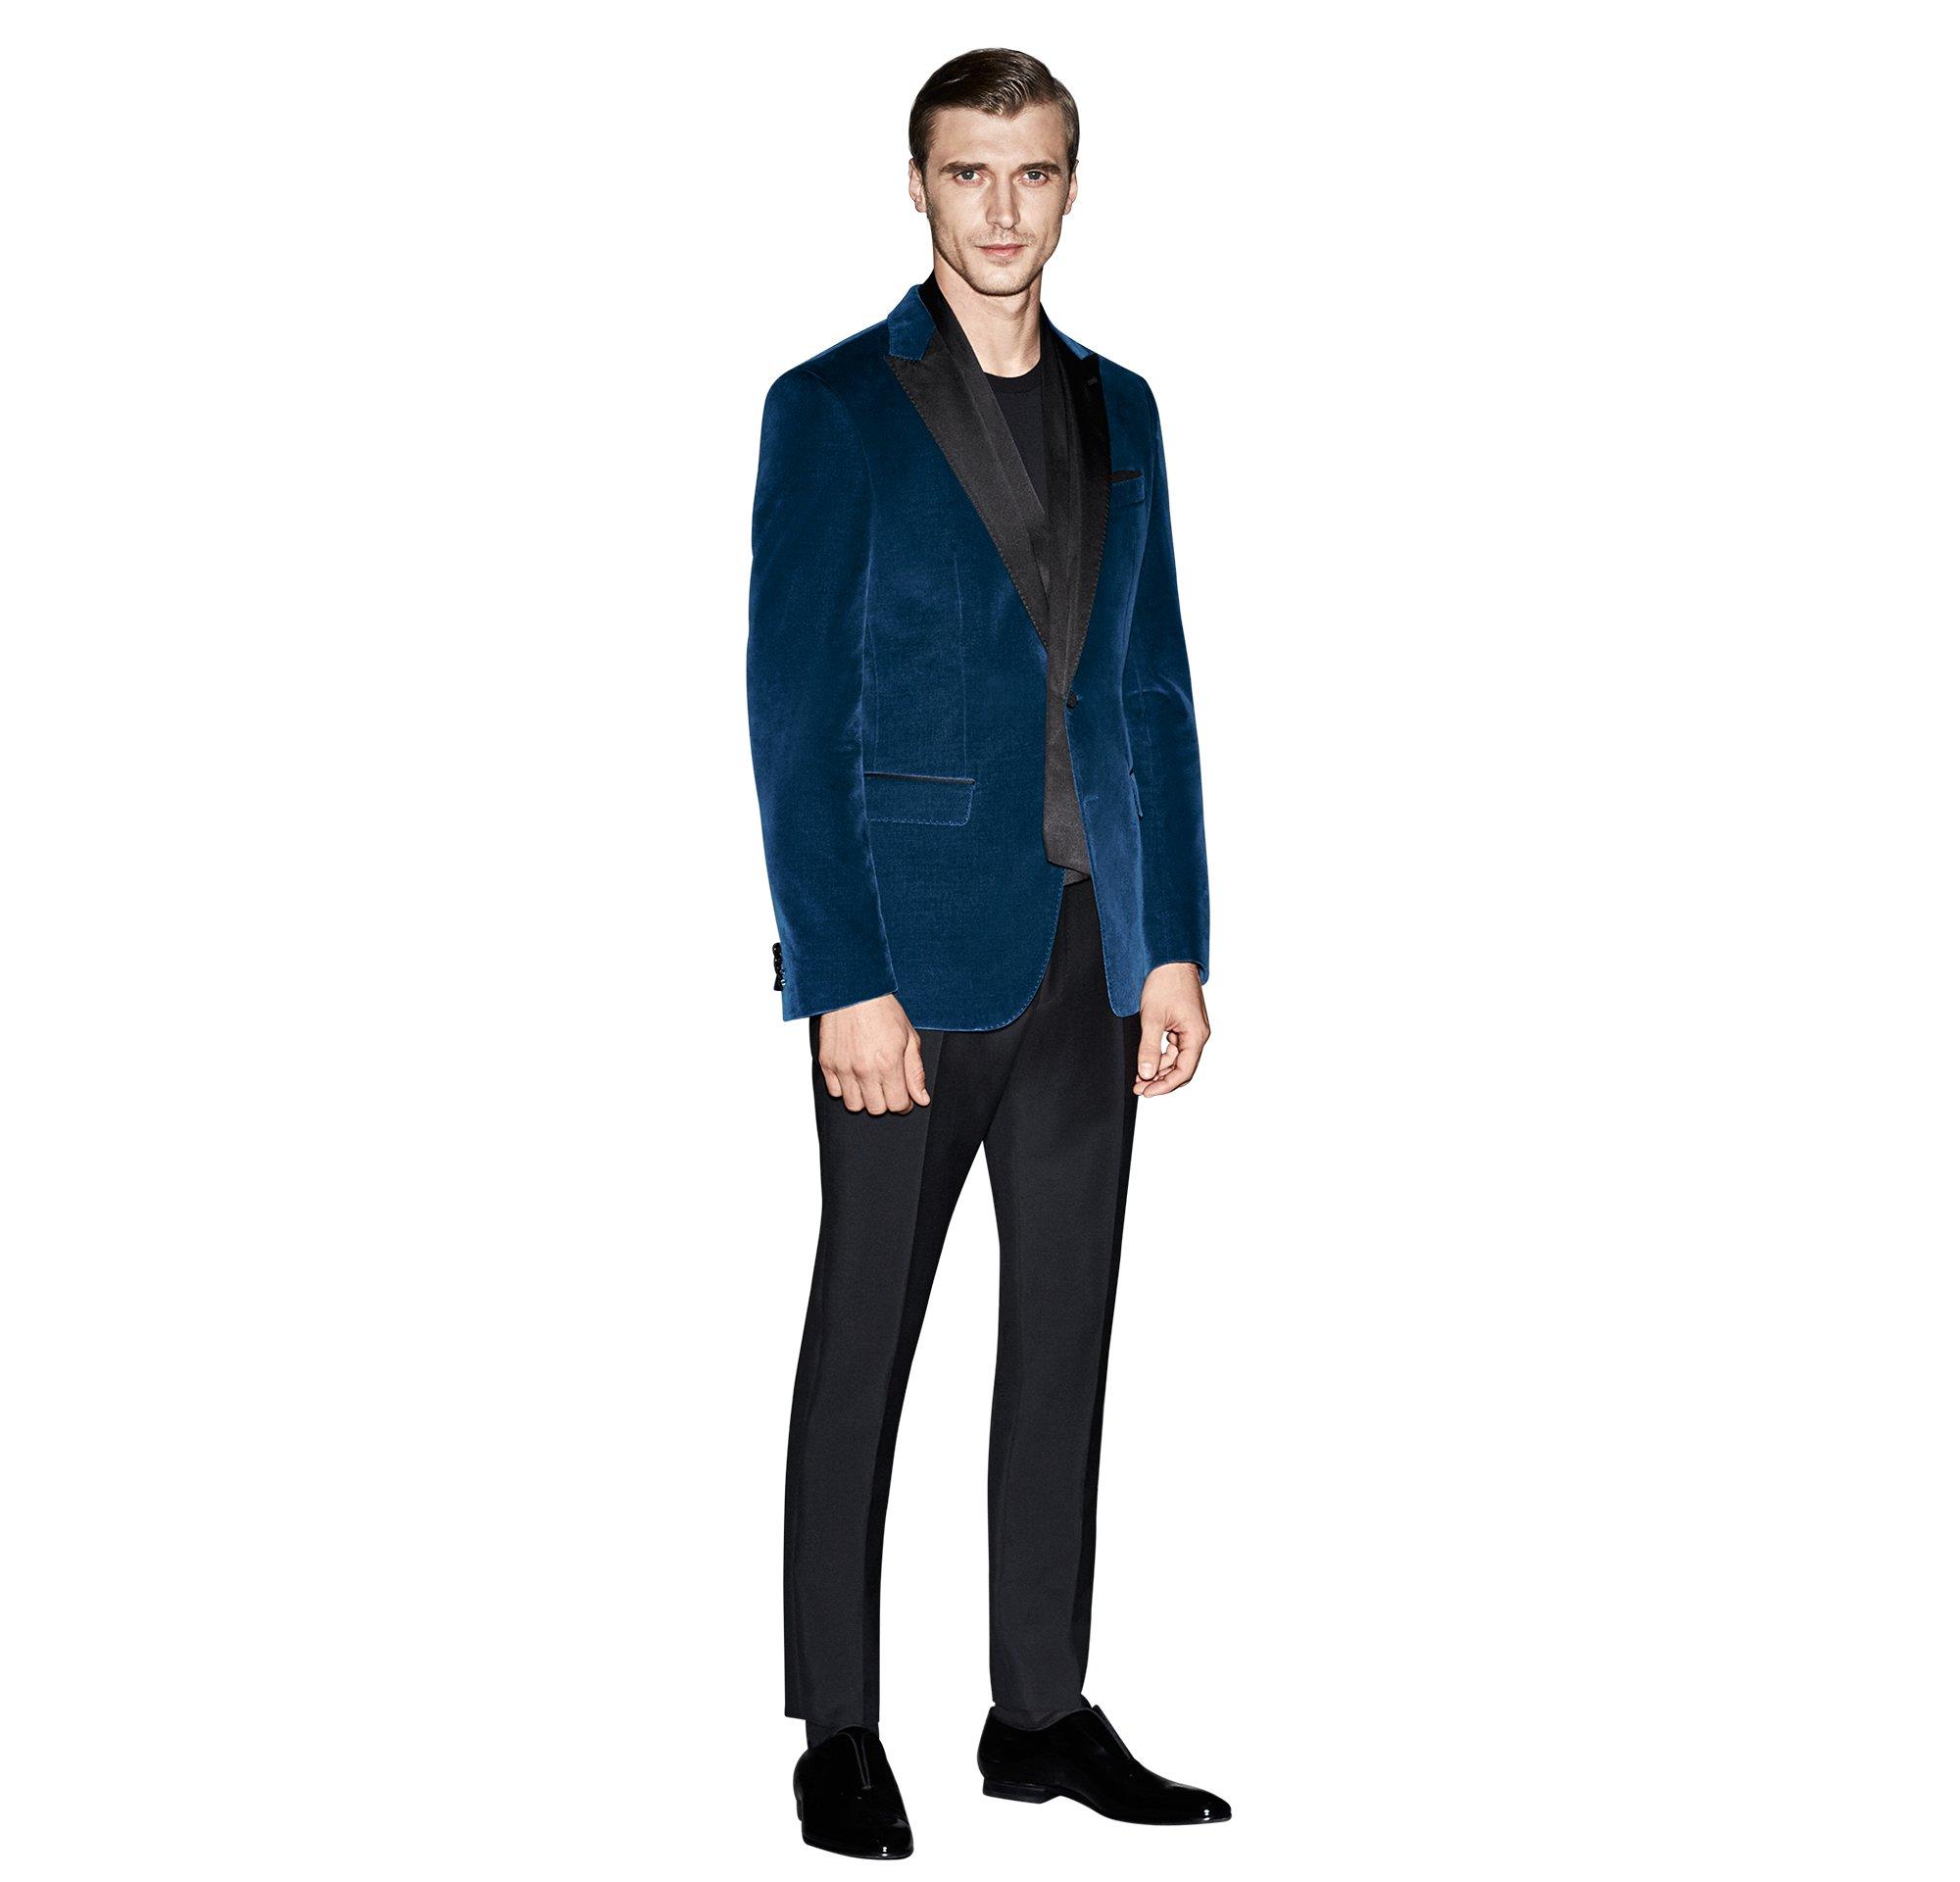 Blauw colbert van fluweel, zwart overhemd en zwarte broek van BOSS